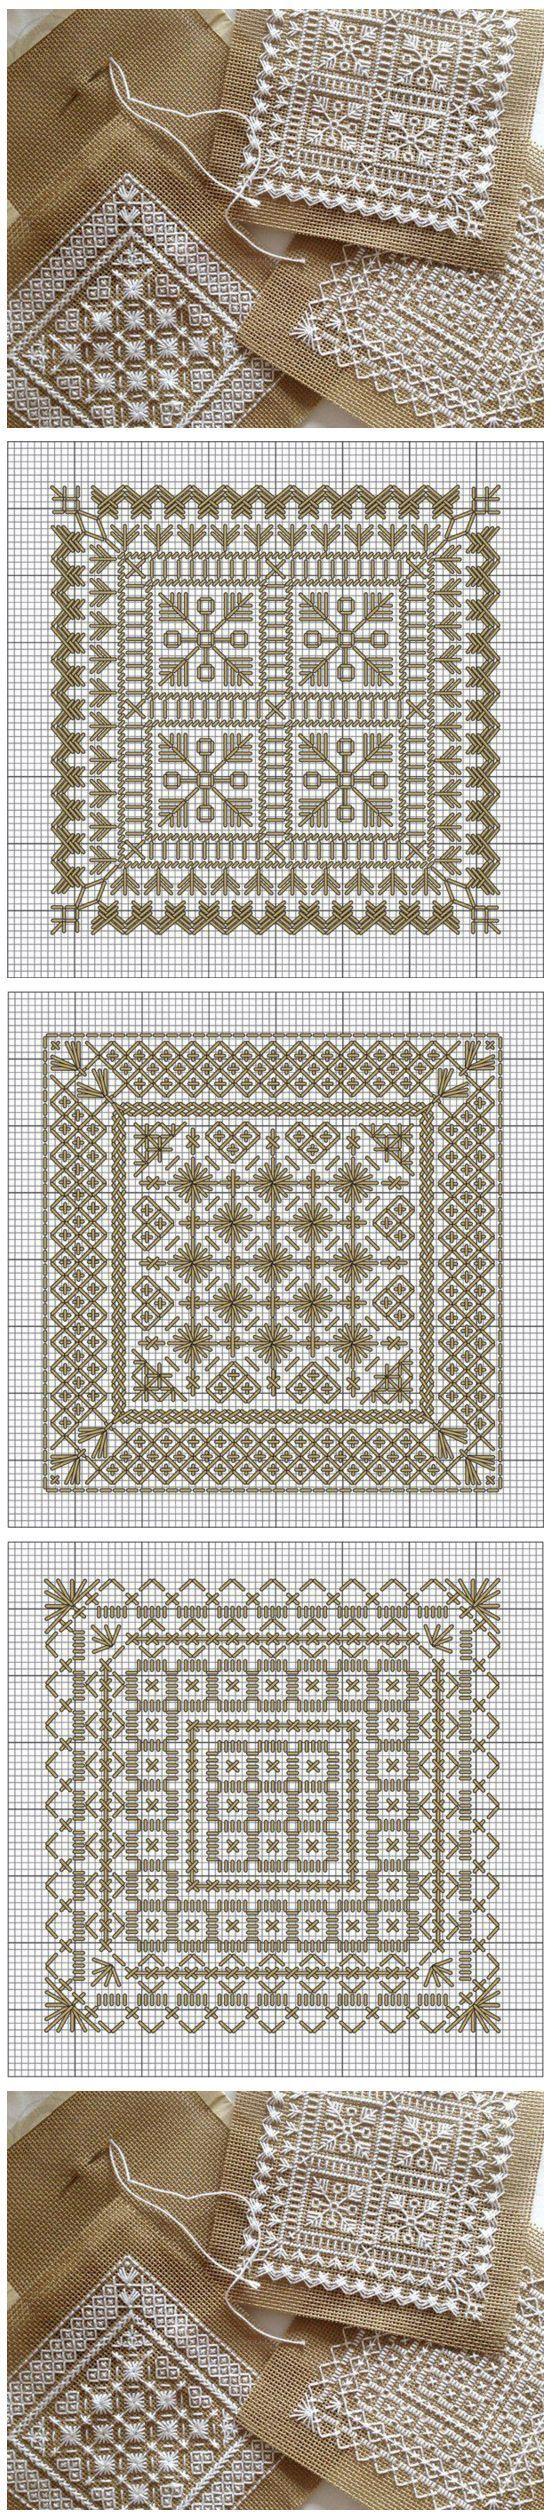 Embroidery patterns   Схемы для изящной вышивки